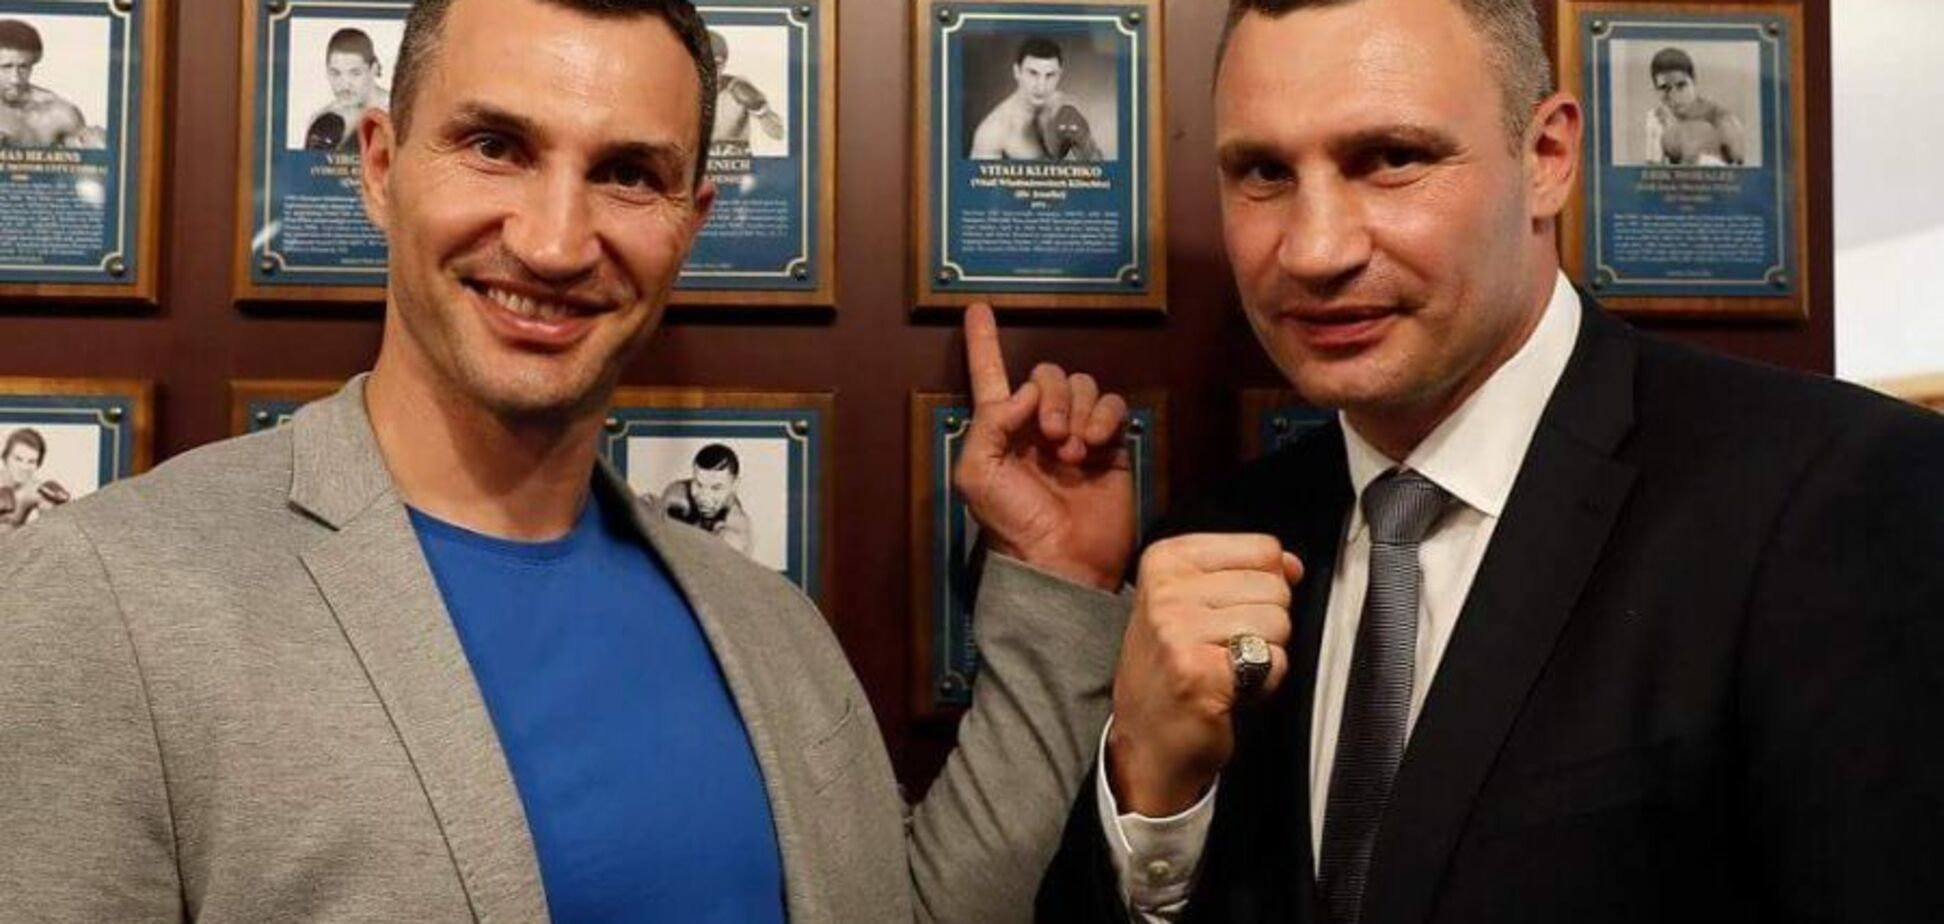 'Випробувати себе': Віталій Кличко зробив заяву про камбек Володимира